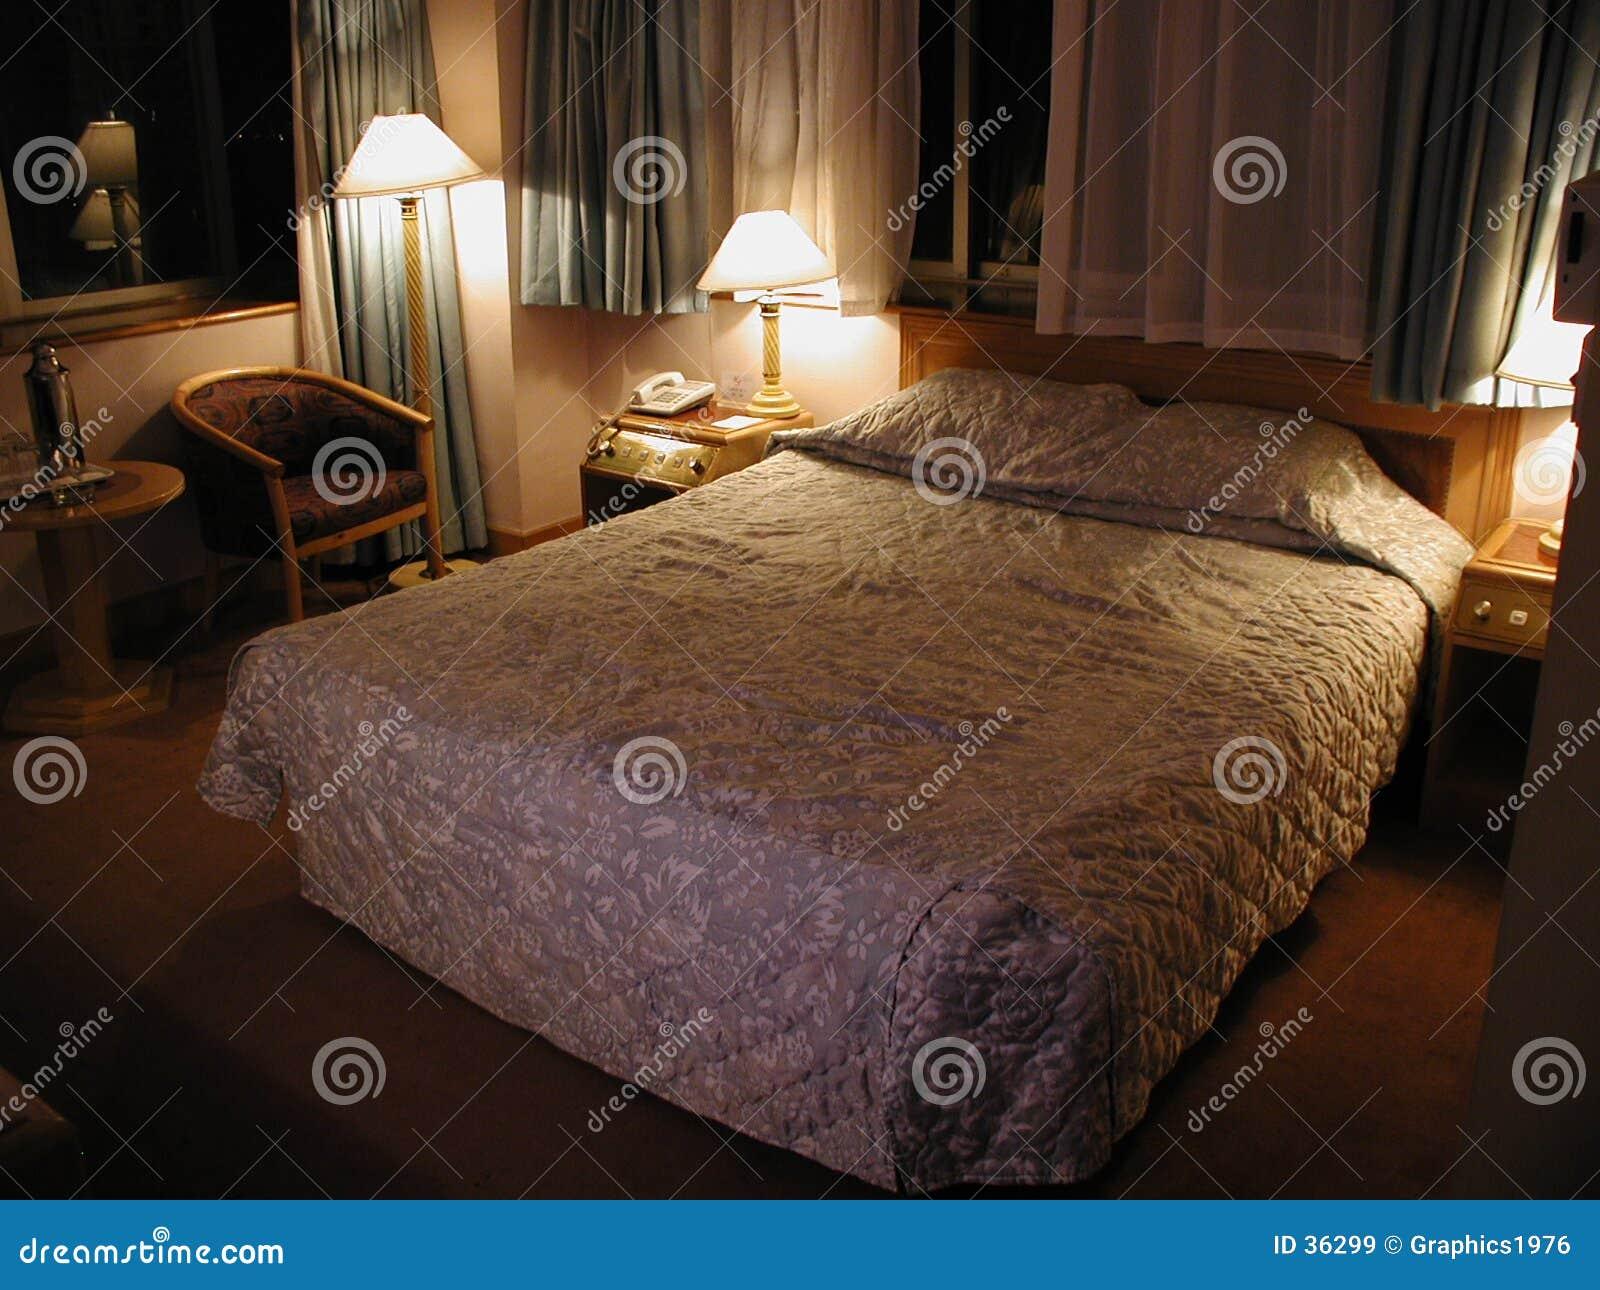 Typisches Mittelbereich-Hotelzimmer